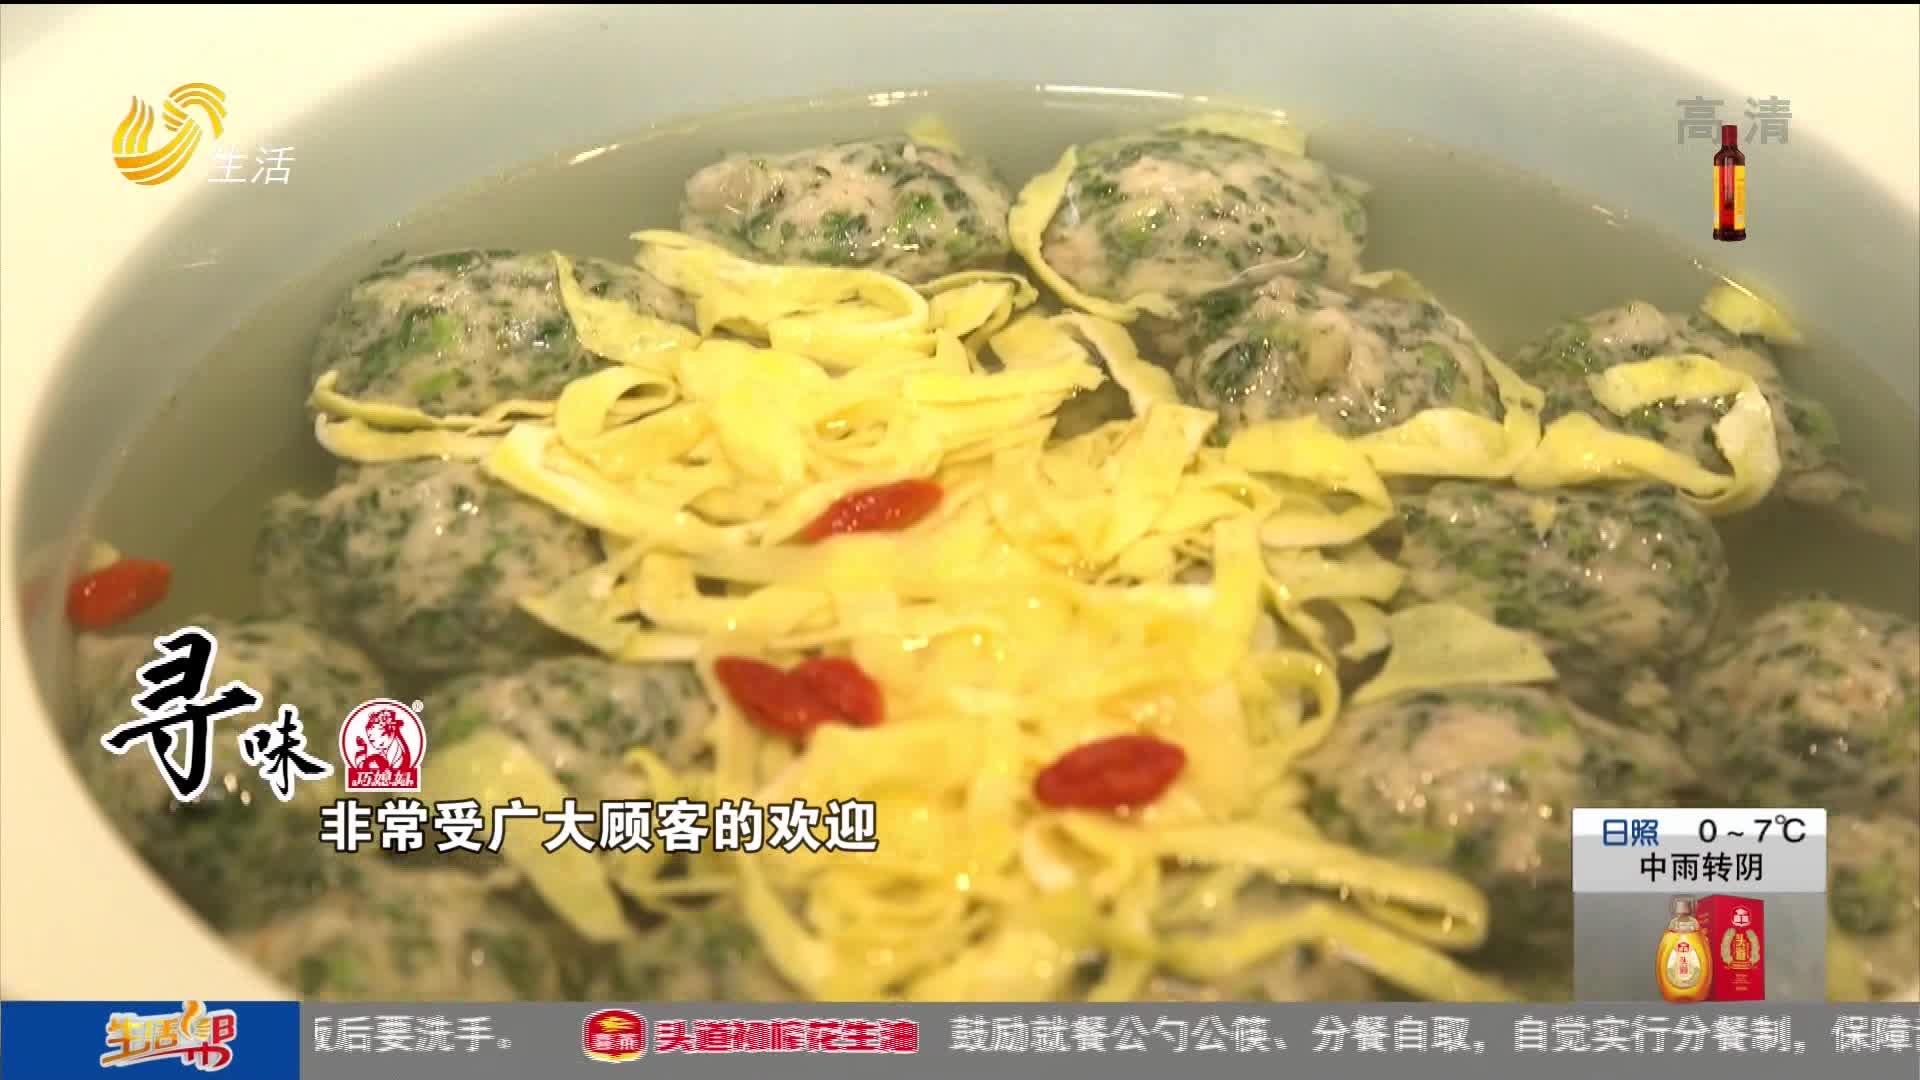 """【寻味】鲜虾荠菜丸:早春""""特供"""" 鲜上加鲜"""